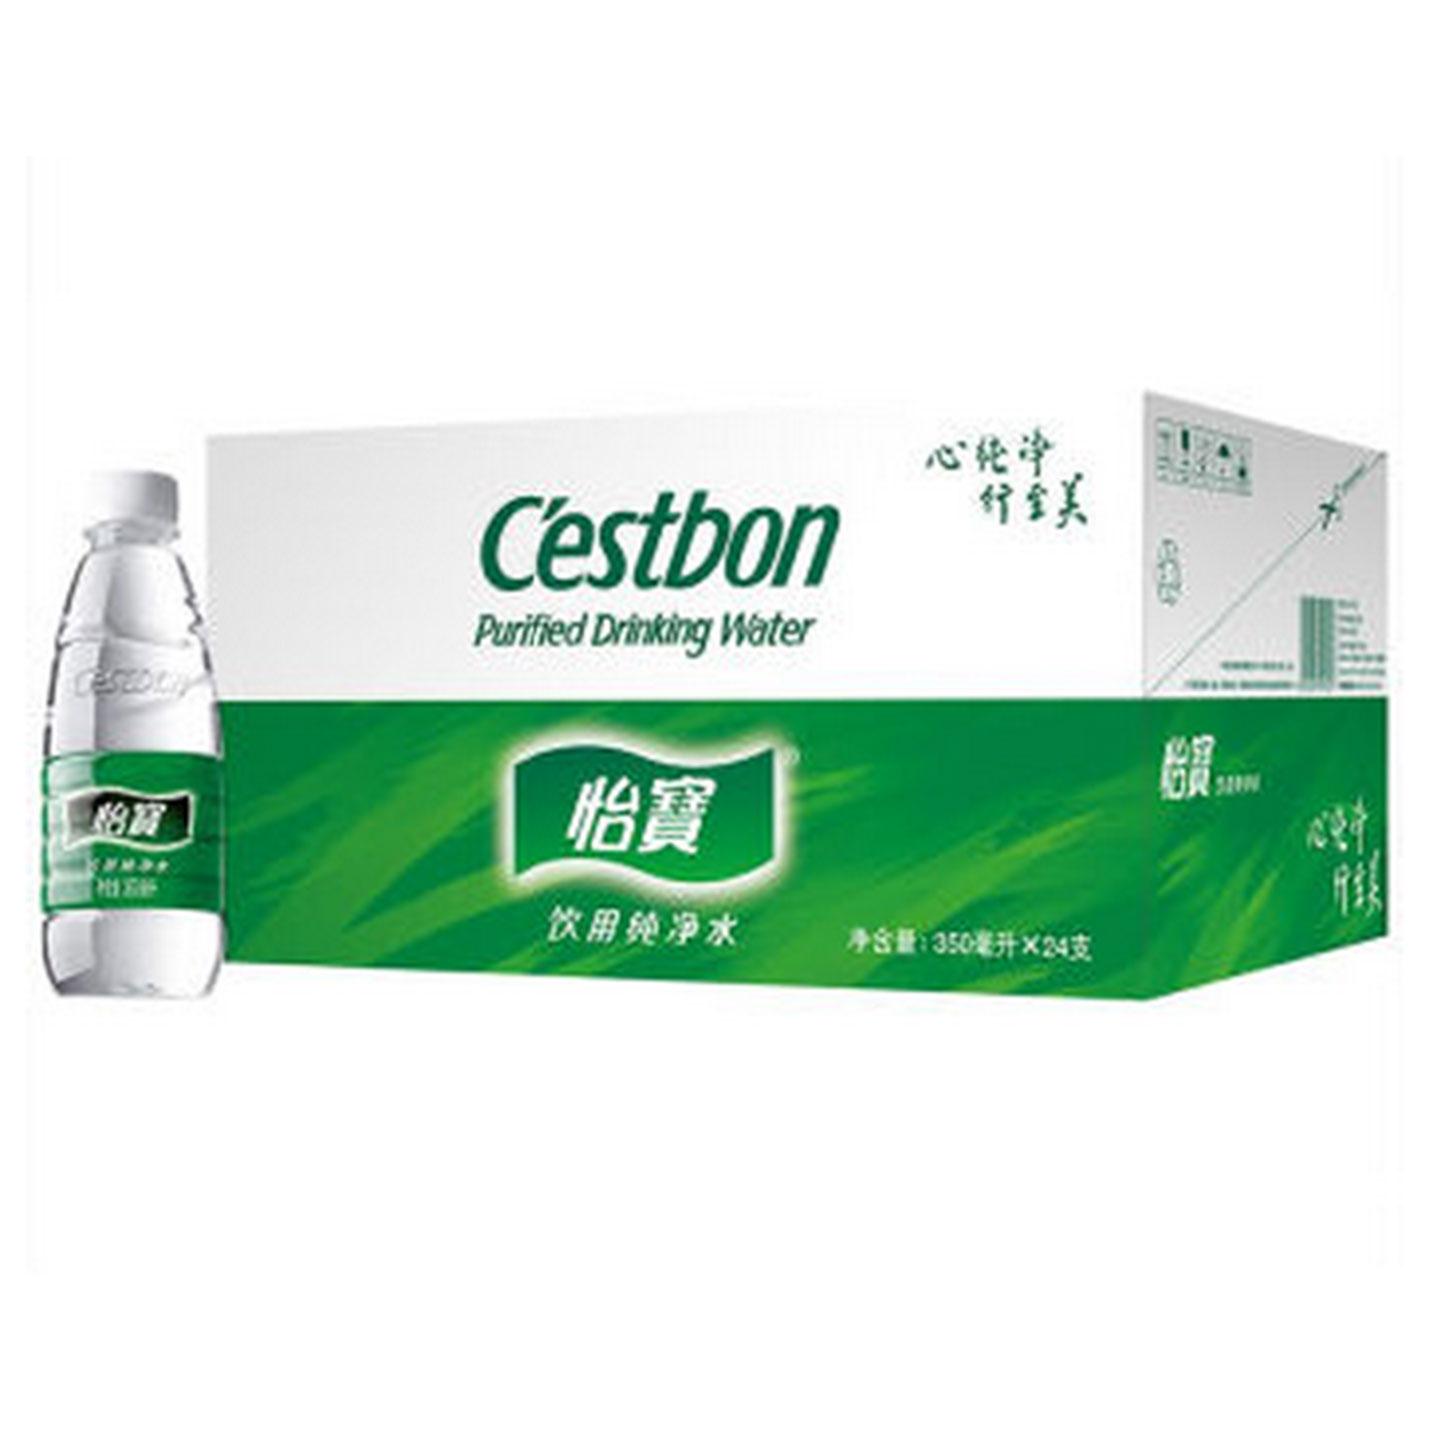 怡宝  饮用纯净水350ml*24瓶  整箱